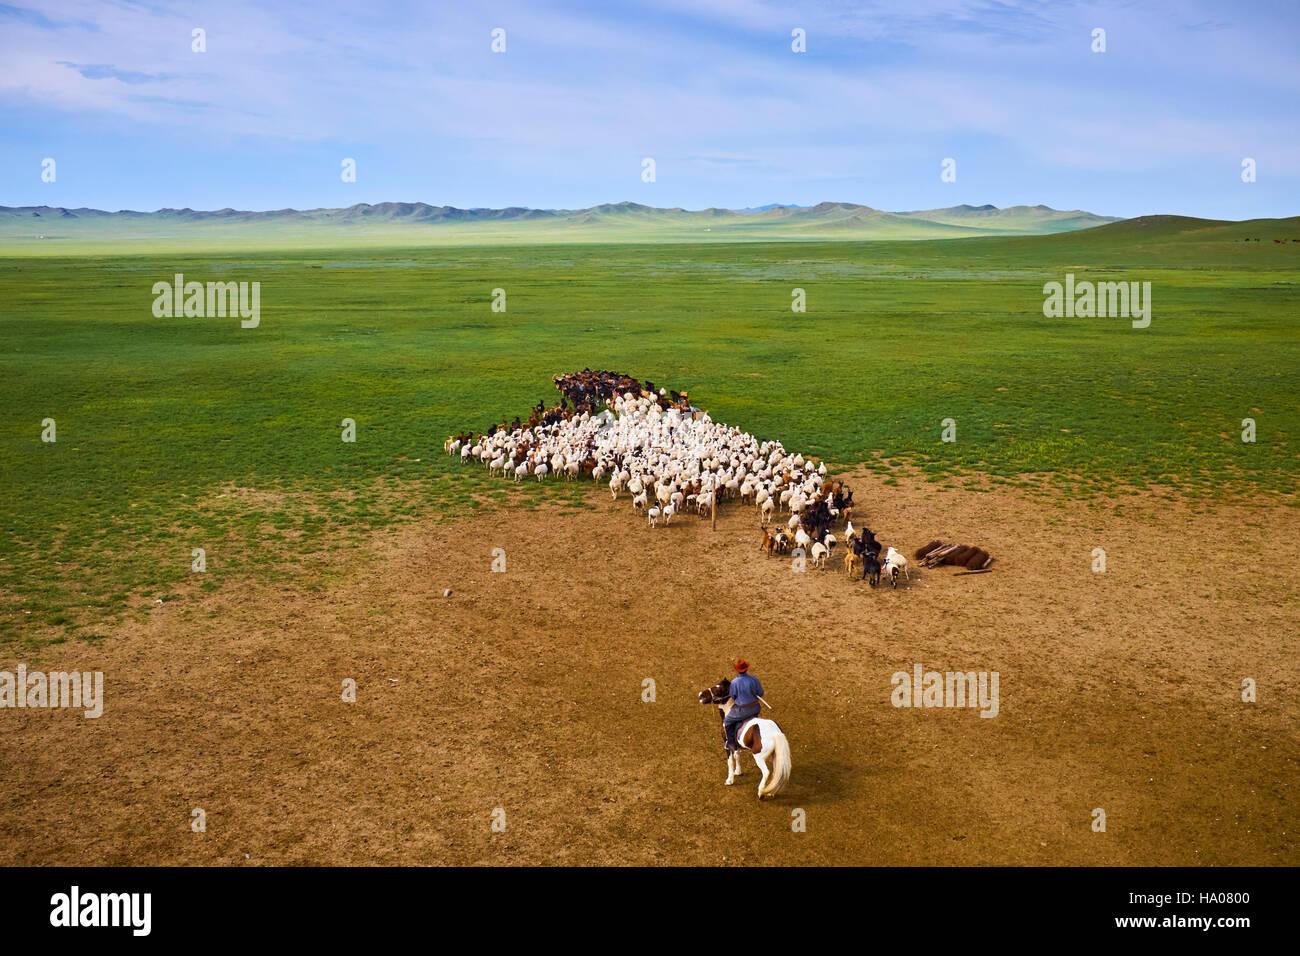 Mongolia, Arkhangai province, nomad camp, sheep herd - Stock Image